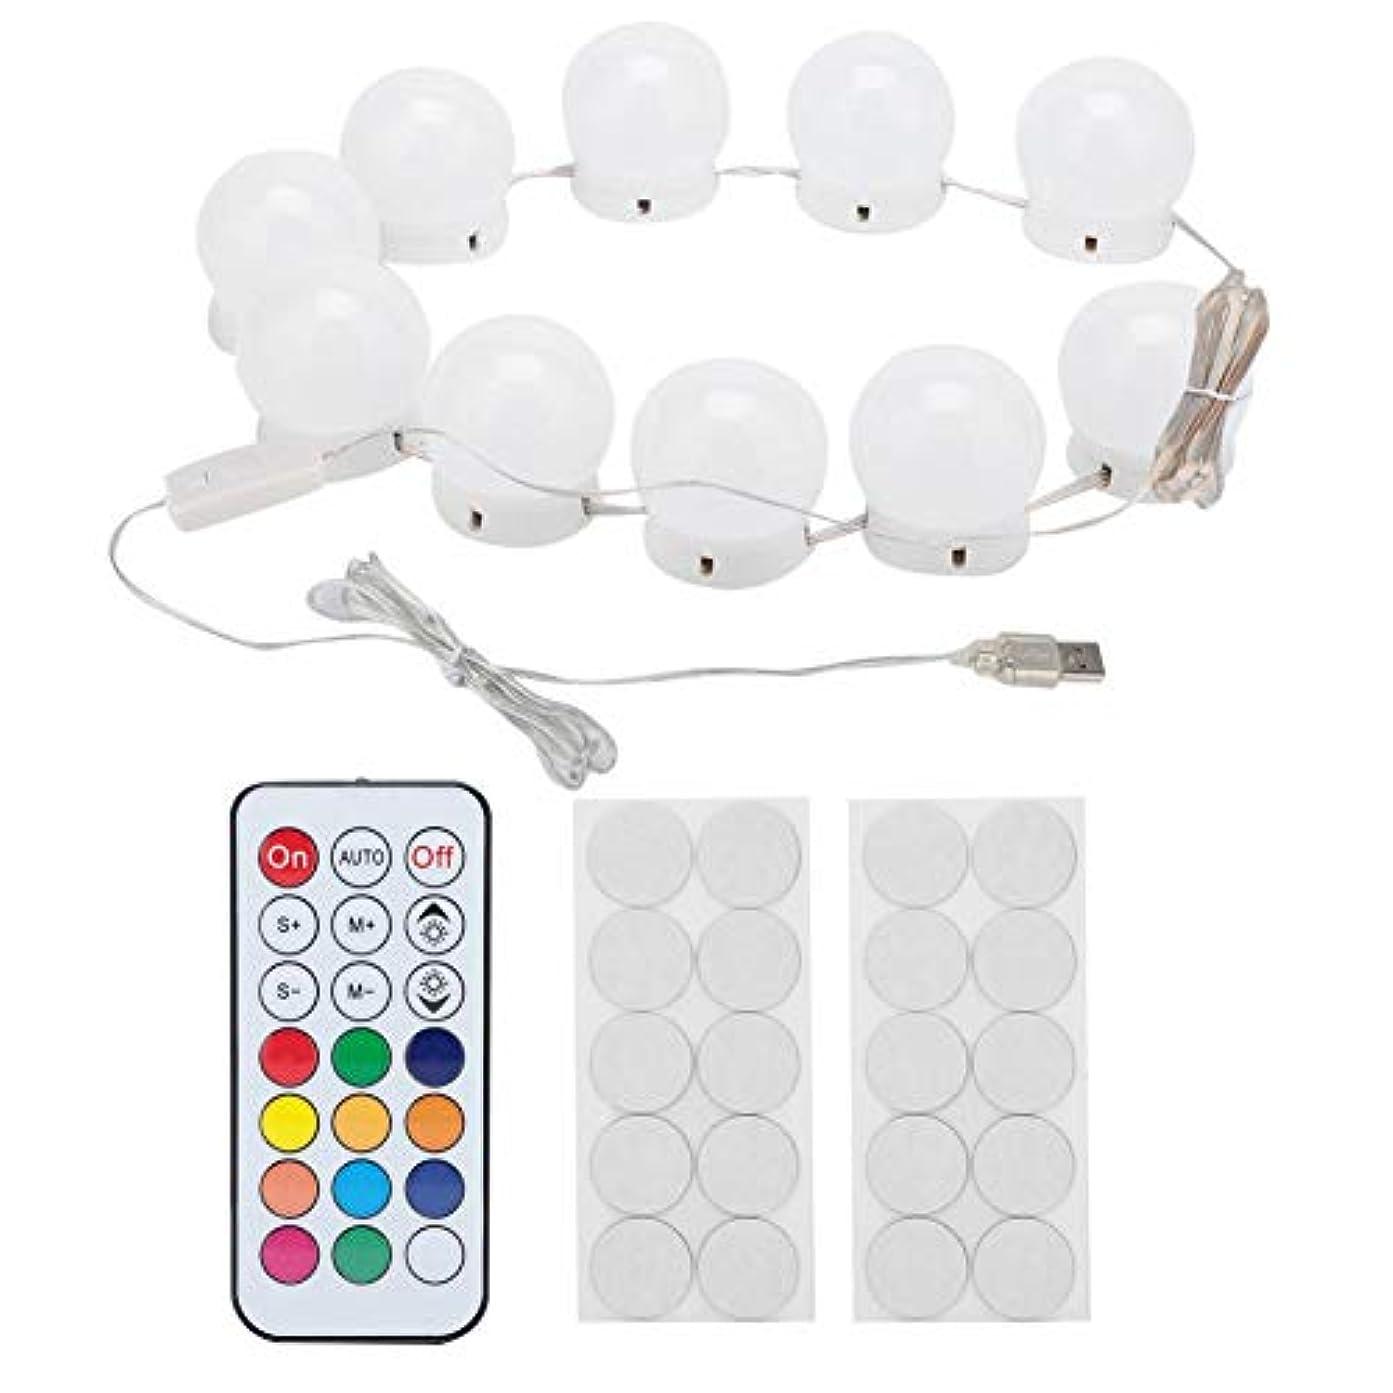 オリエントピッチファン化粧鏡ラ??イトキット 10 LED付き調 光ライトストリング電球バニティライト バスルーム 化粧鏡に最適